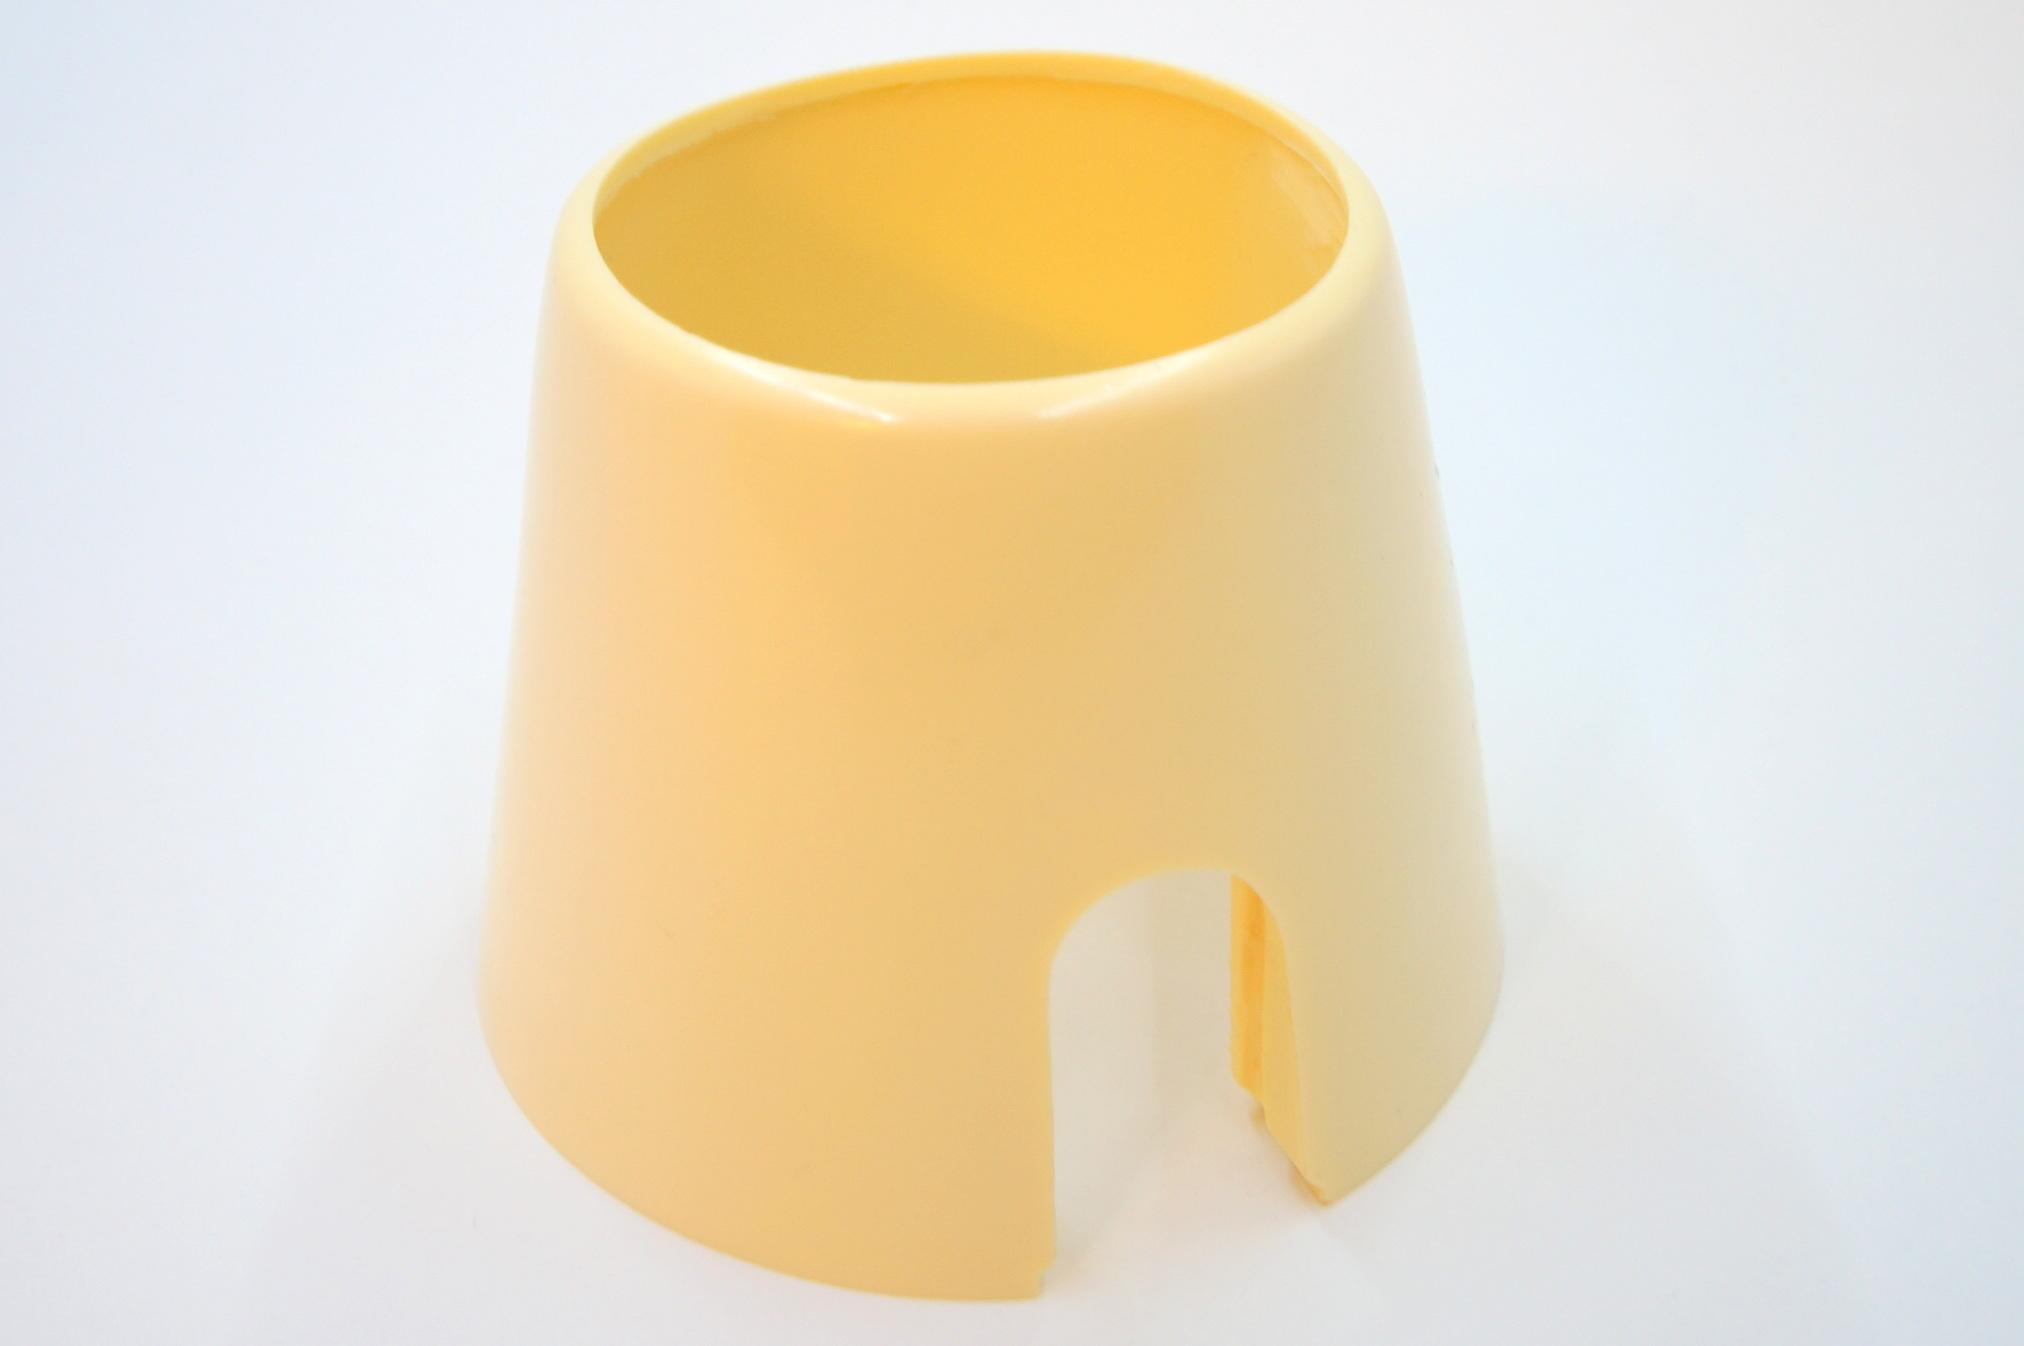 Чашка рулевой колонки Москвич 402-407 бежевая с вырезом